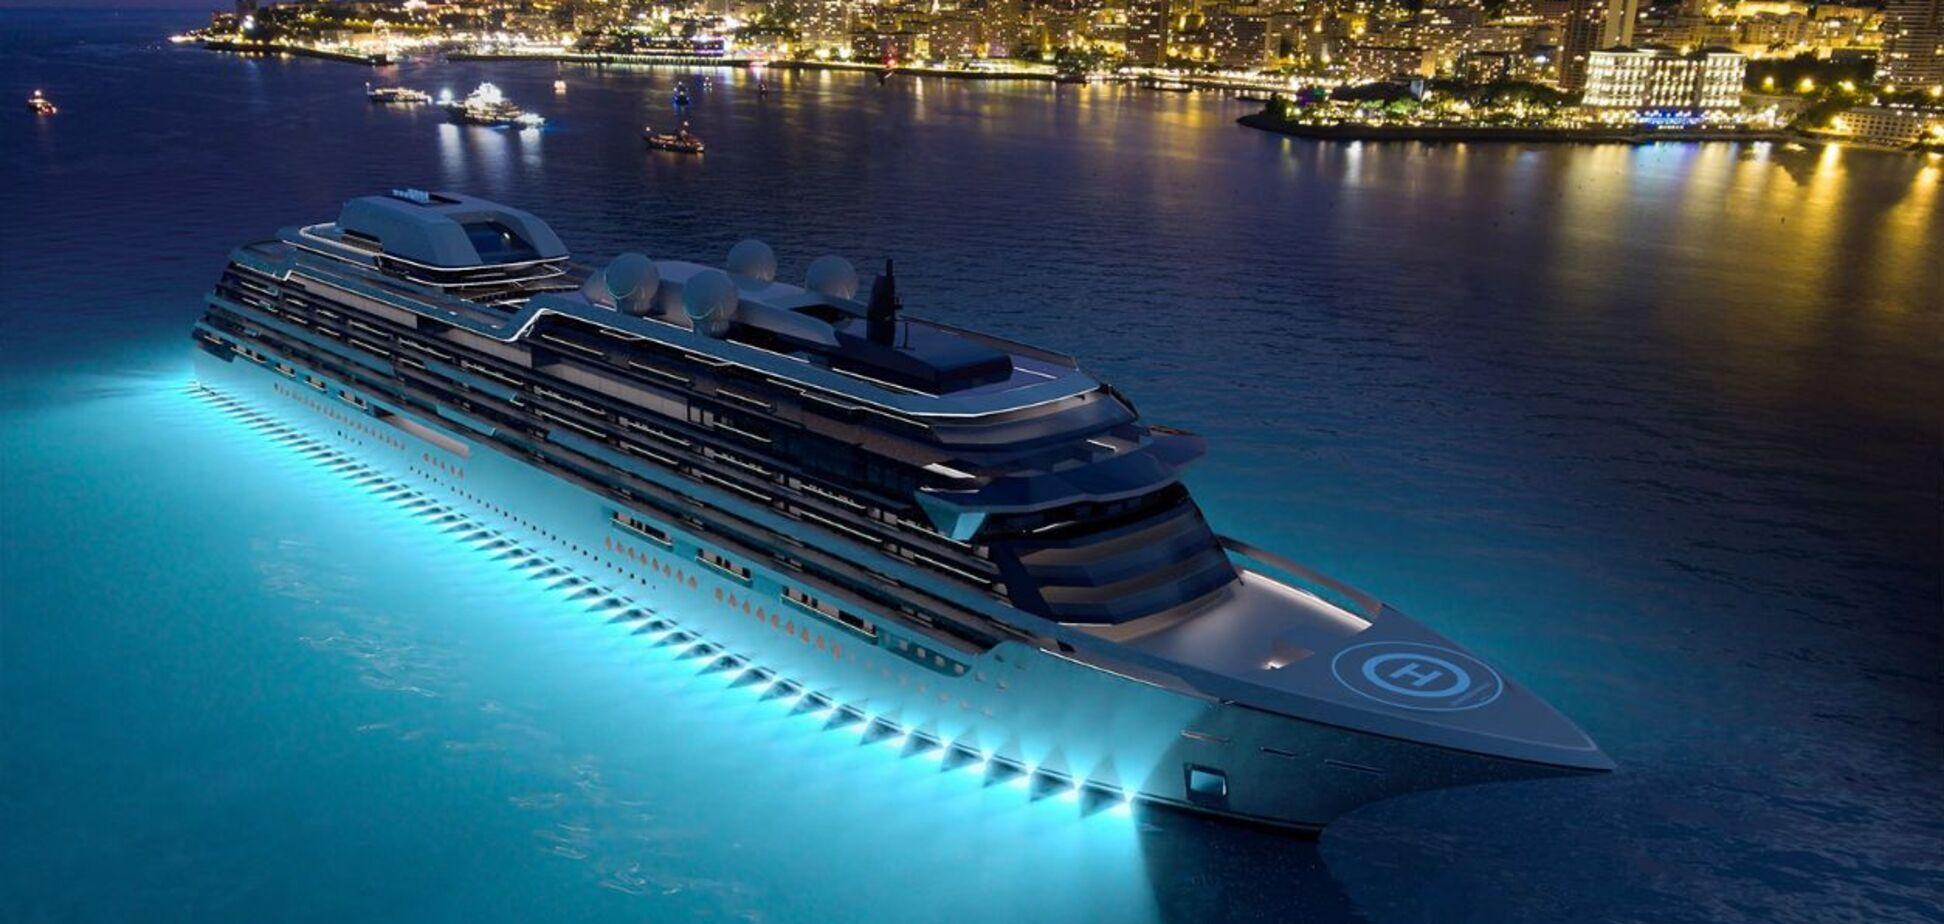 Яхта в ночное время